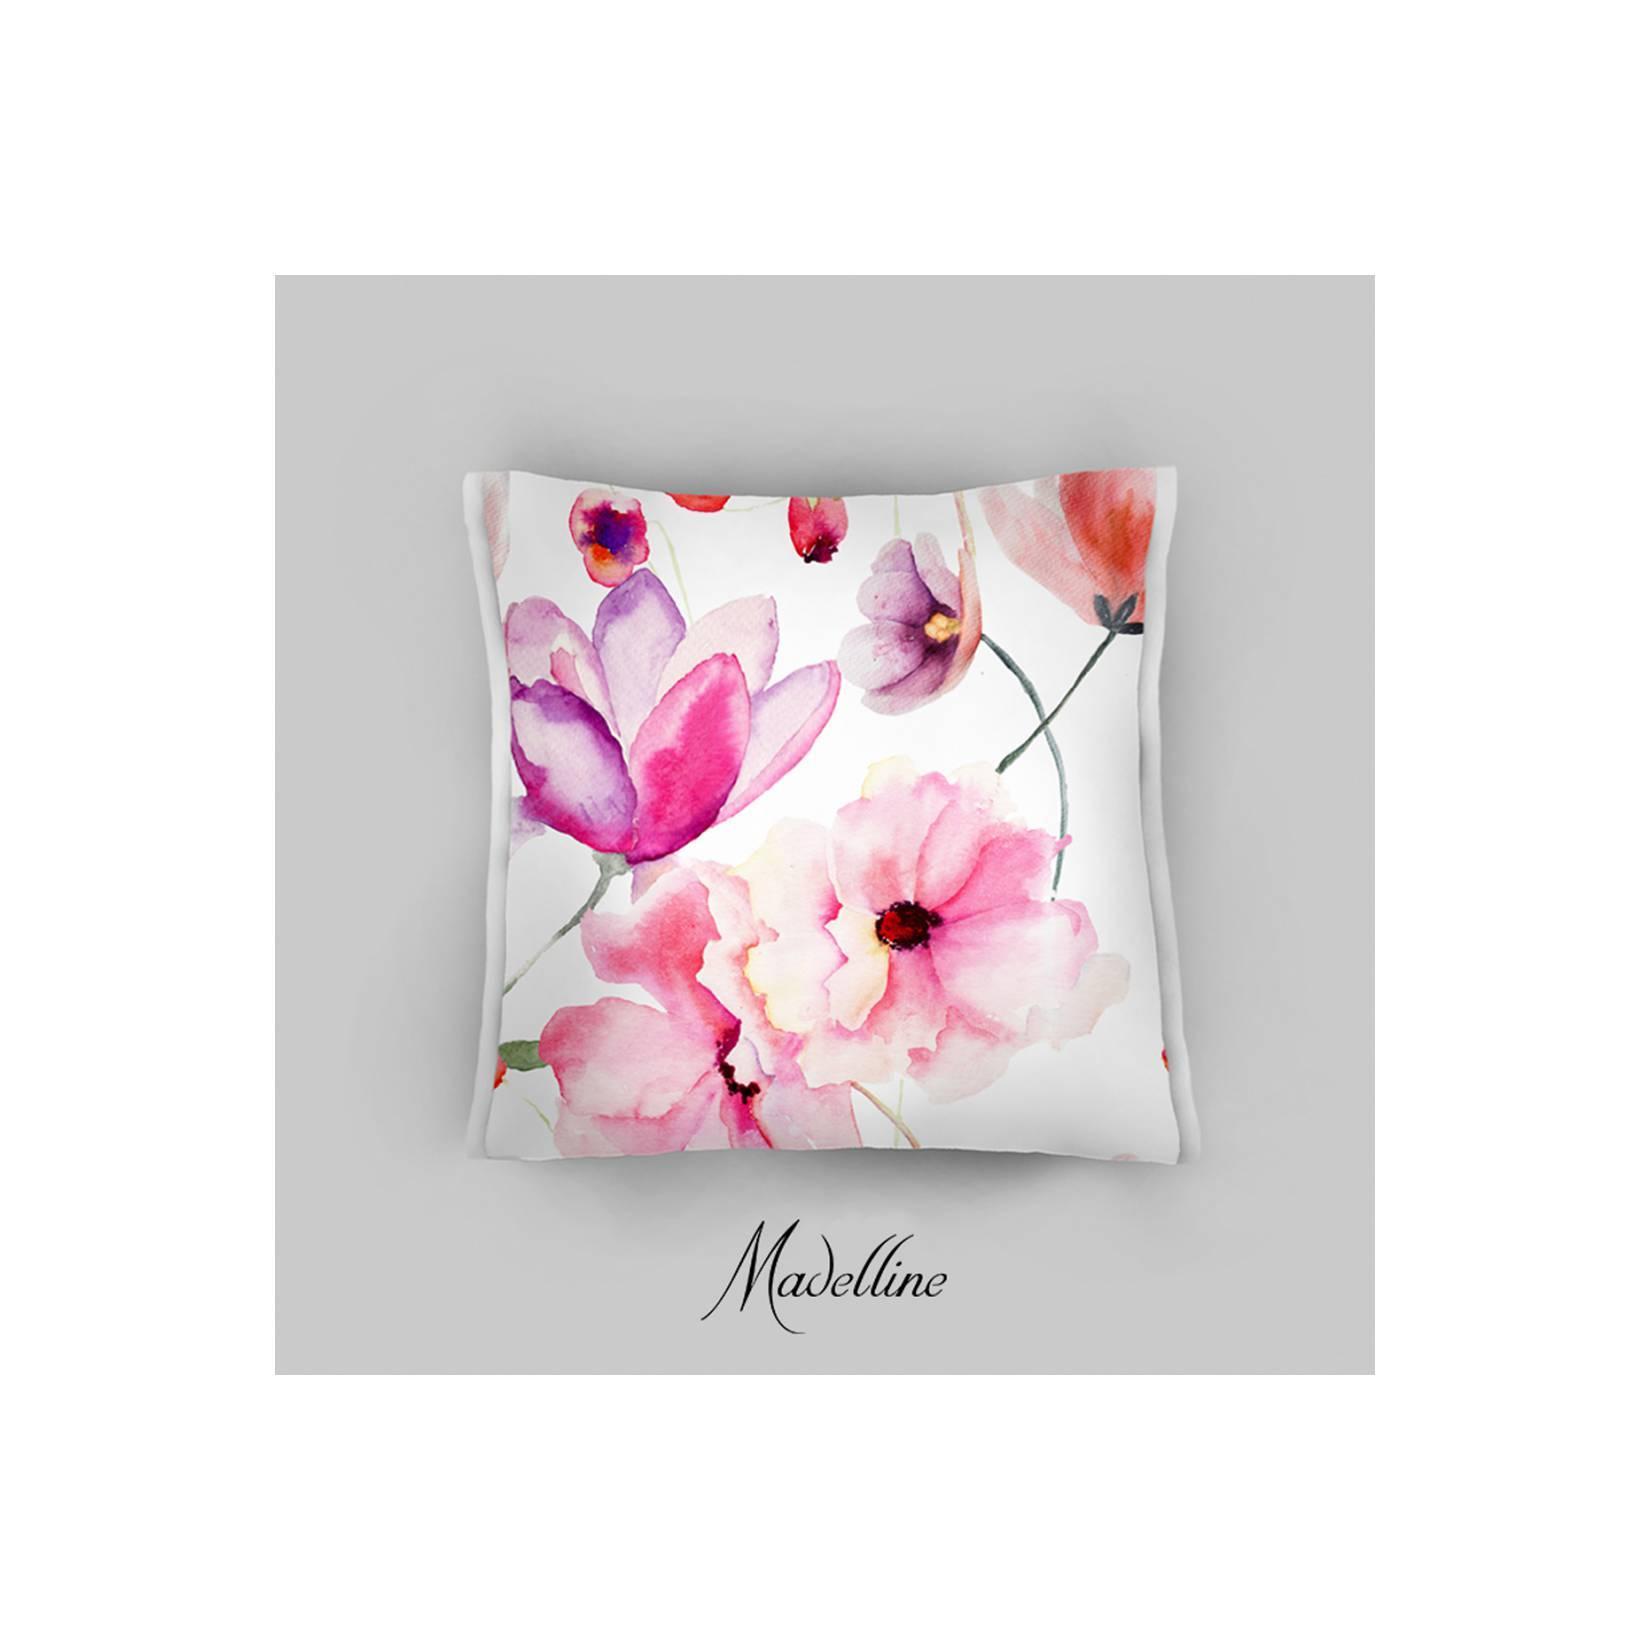 Brenda, Rumah Tangga, Dekorasi, (Sofa Cushion Cover) BLOOM 1 WINGS